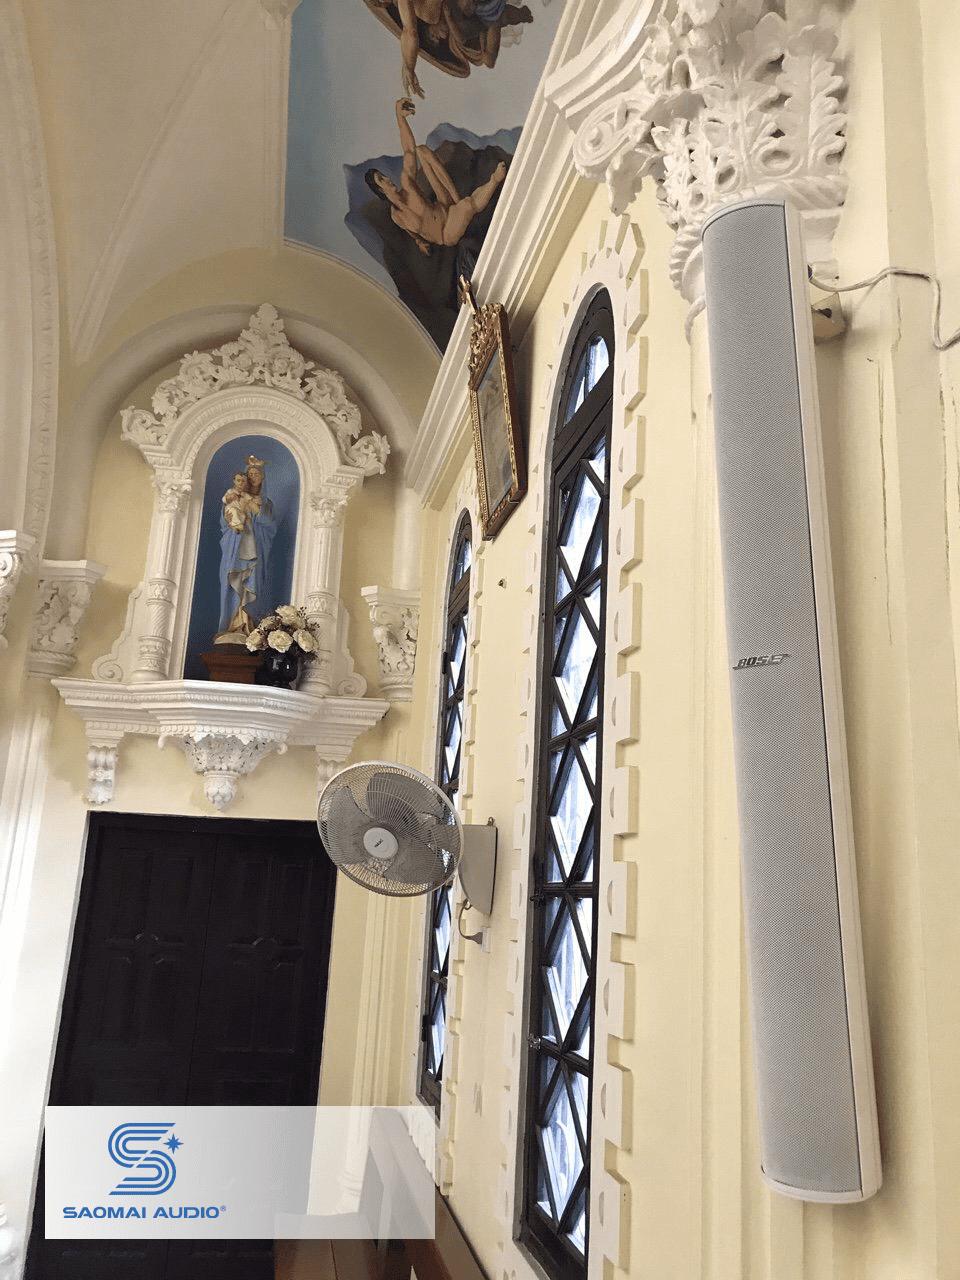 loa bose ma12 bên trong nhà thờ